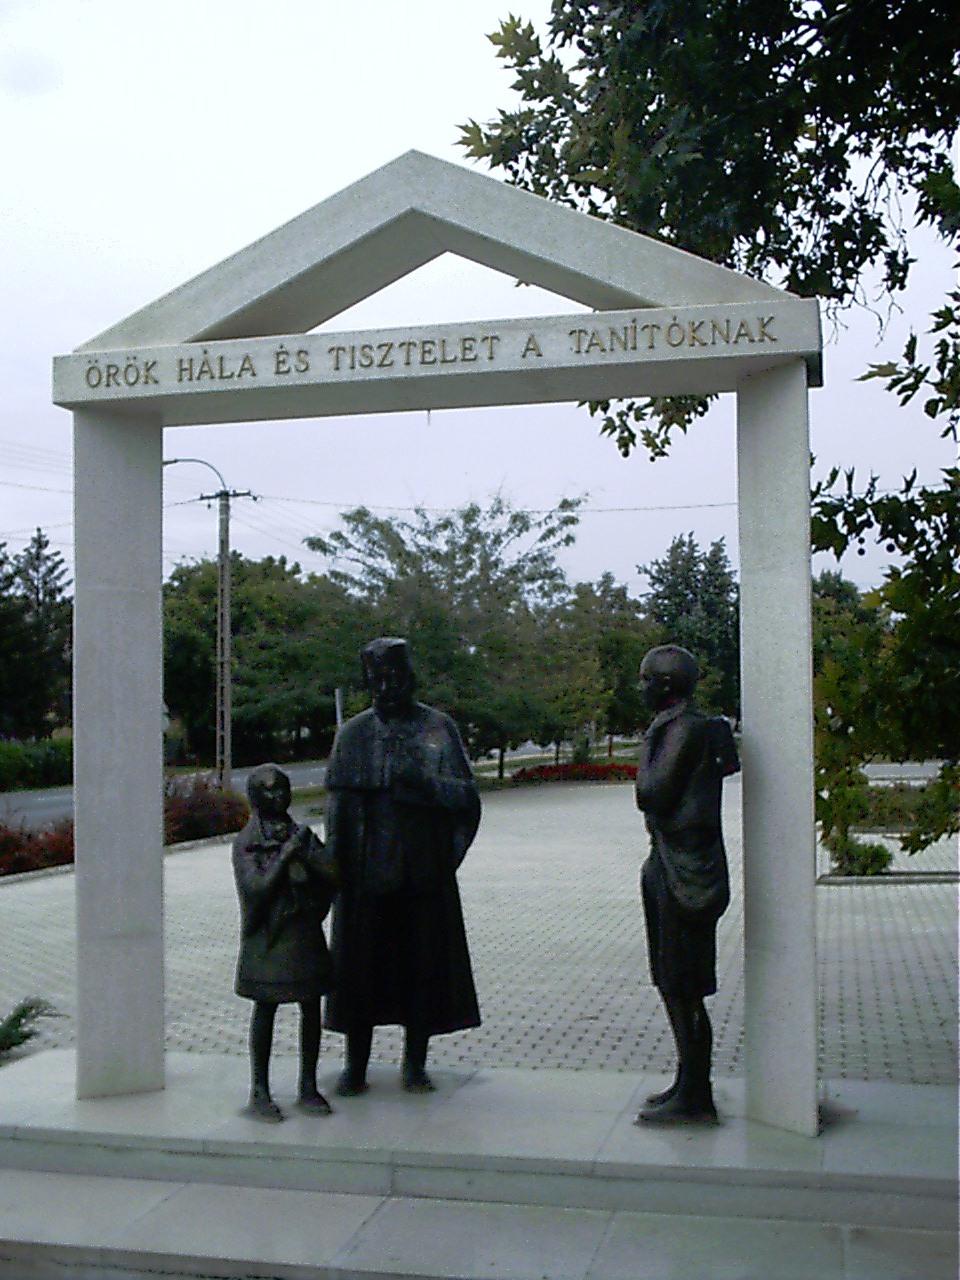 Soltvadkert az egyetlen - általunk látott - település, ahol szobrot állítottak a tanítóknak.